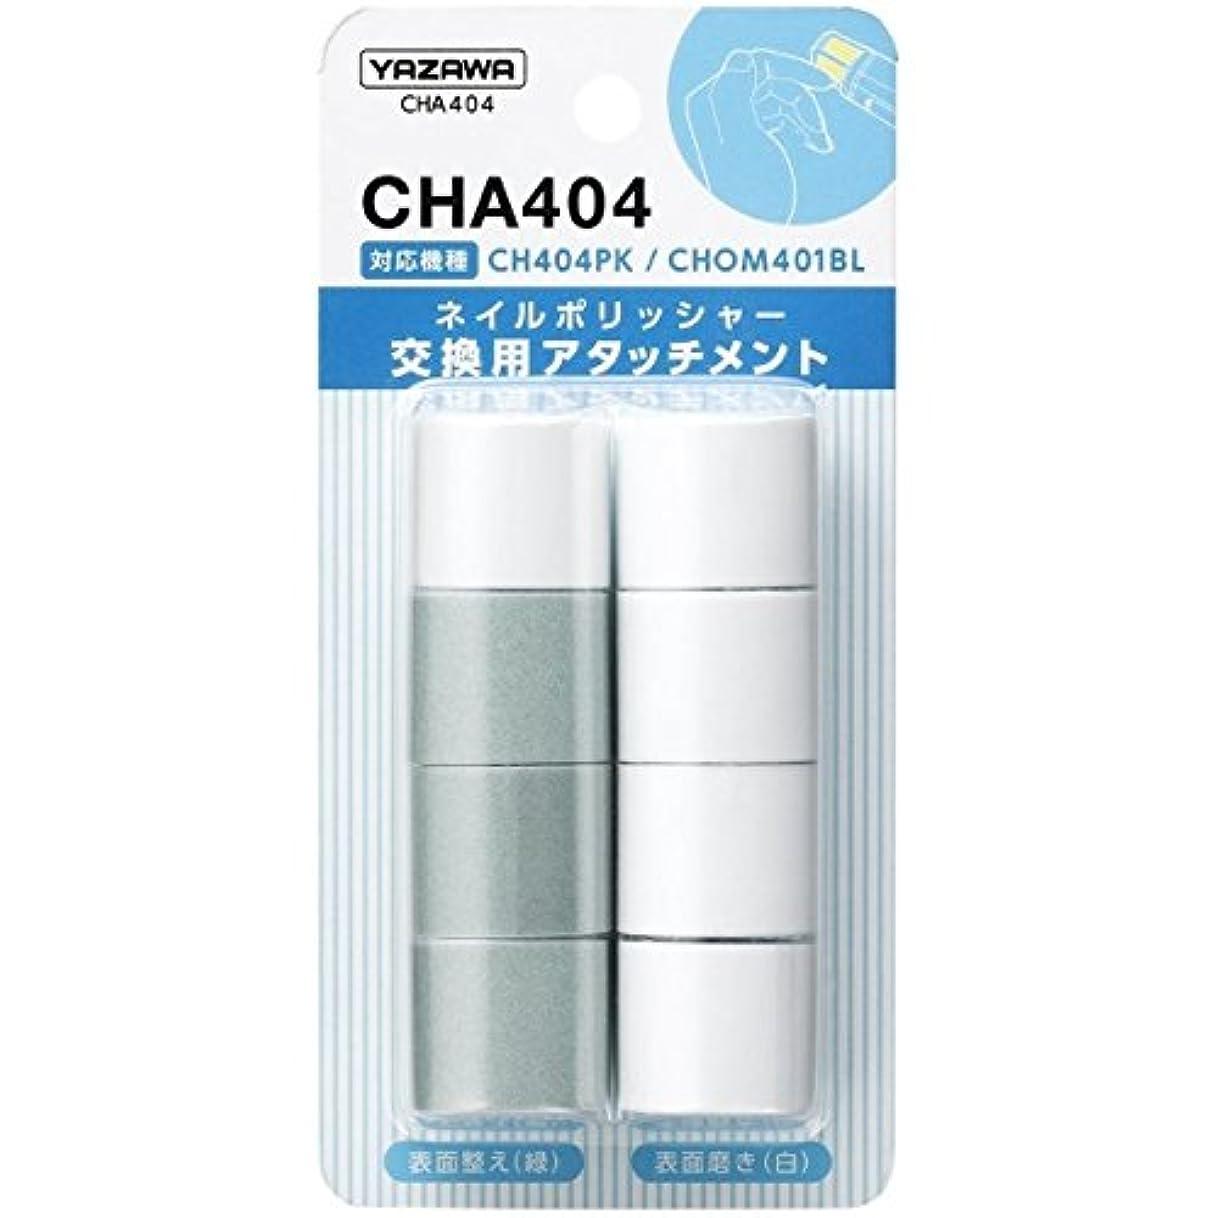 プレビスサイトシーフード明らかにするYAZAWA(ヤザワコーポレーション) ネイルポリッシャー交換用アタッチメント CHA404